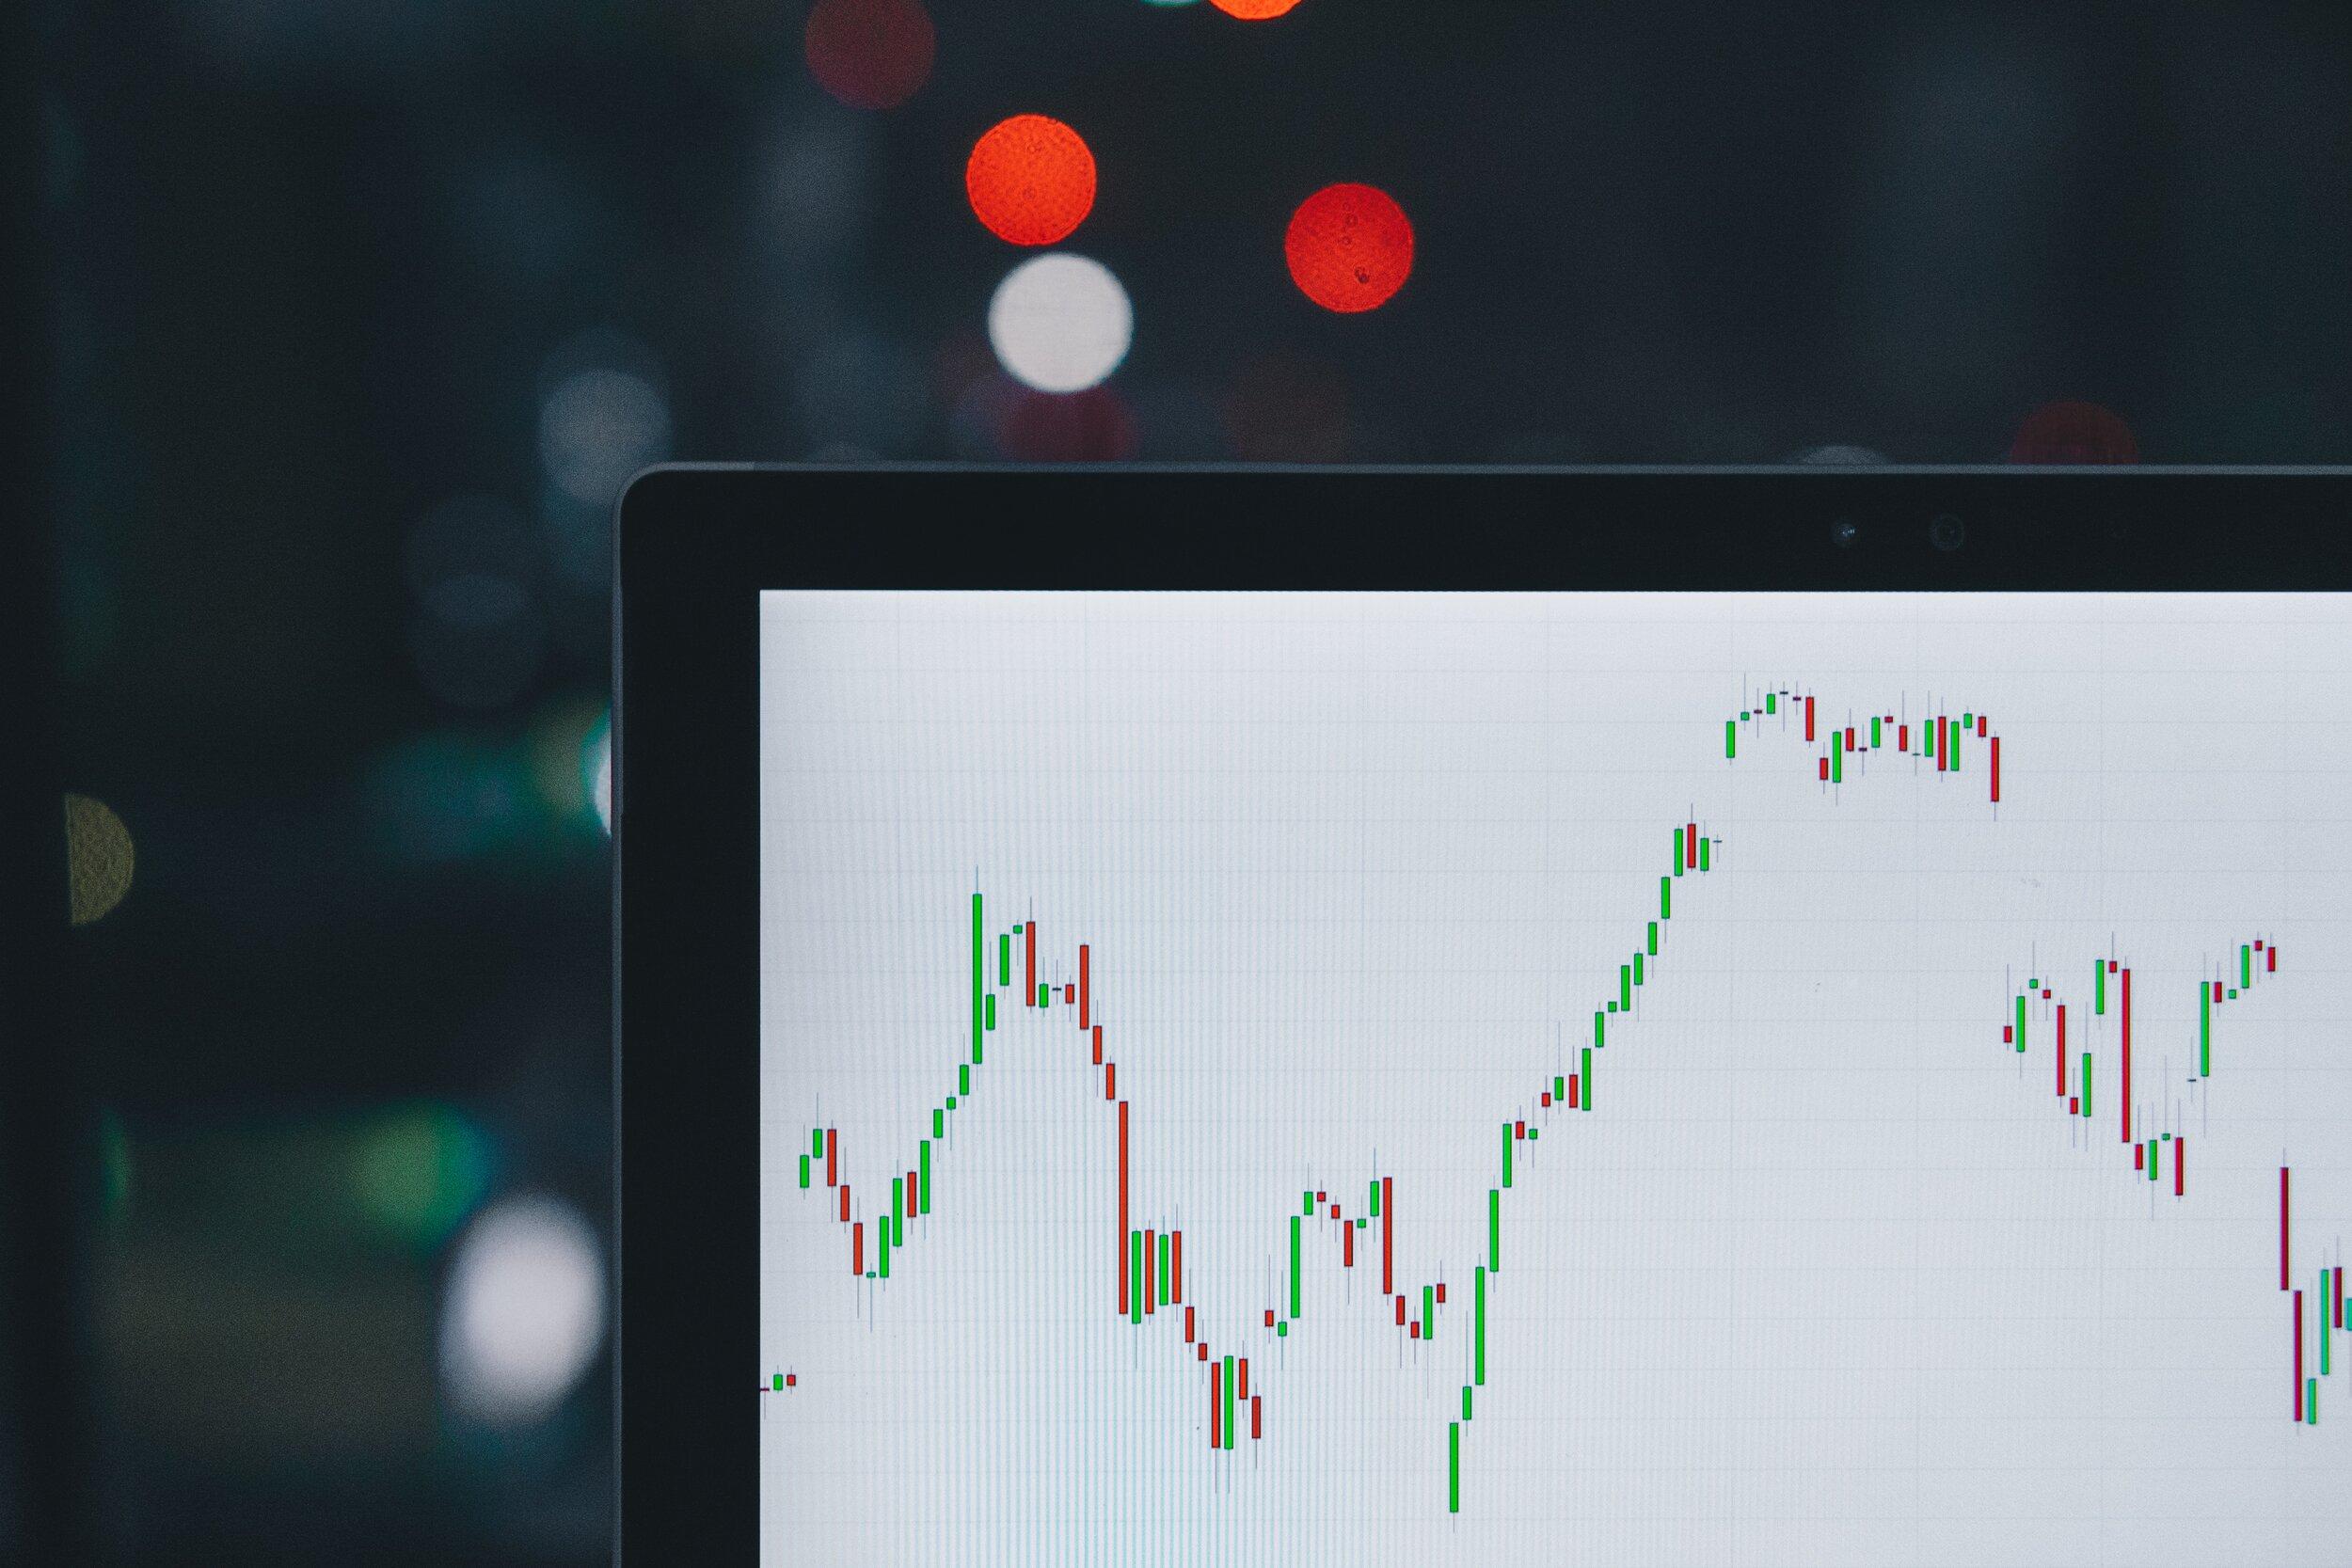 Die Unterschiede zwischen Ticks, Pips und Punkten - Korrekt genutzte Fachsprache erlaubt präzise Kommunikation in Sachen Trading und Expert Advisors (EAs). Foto: M. B. M.